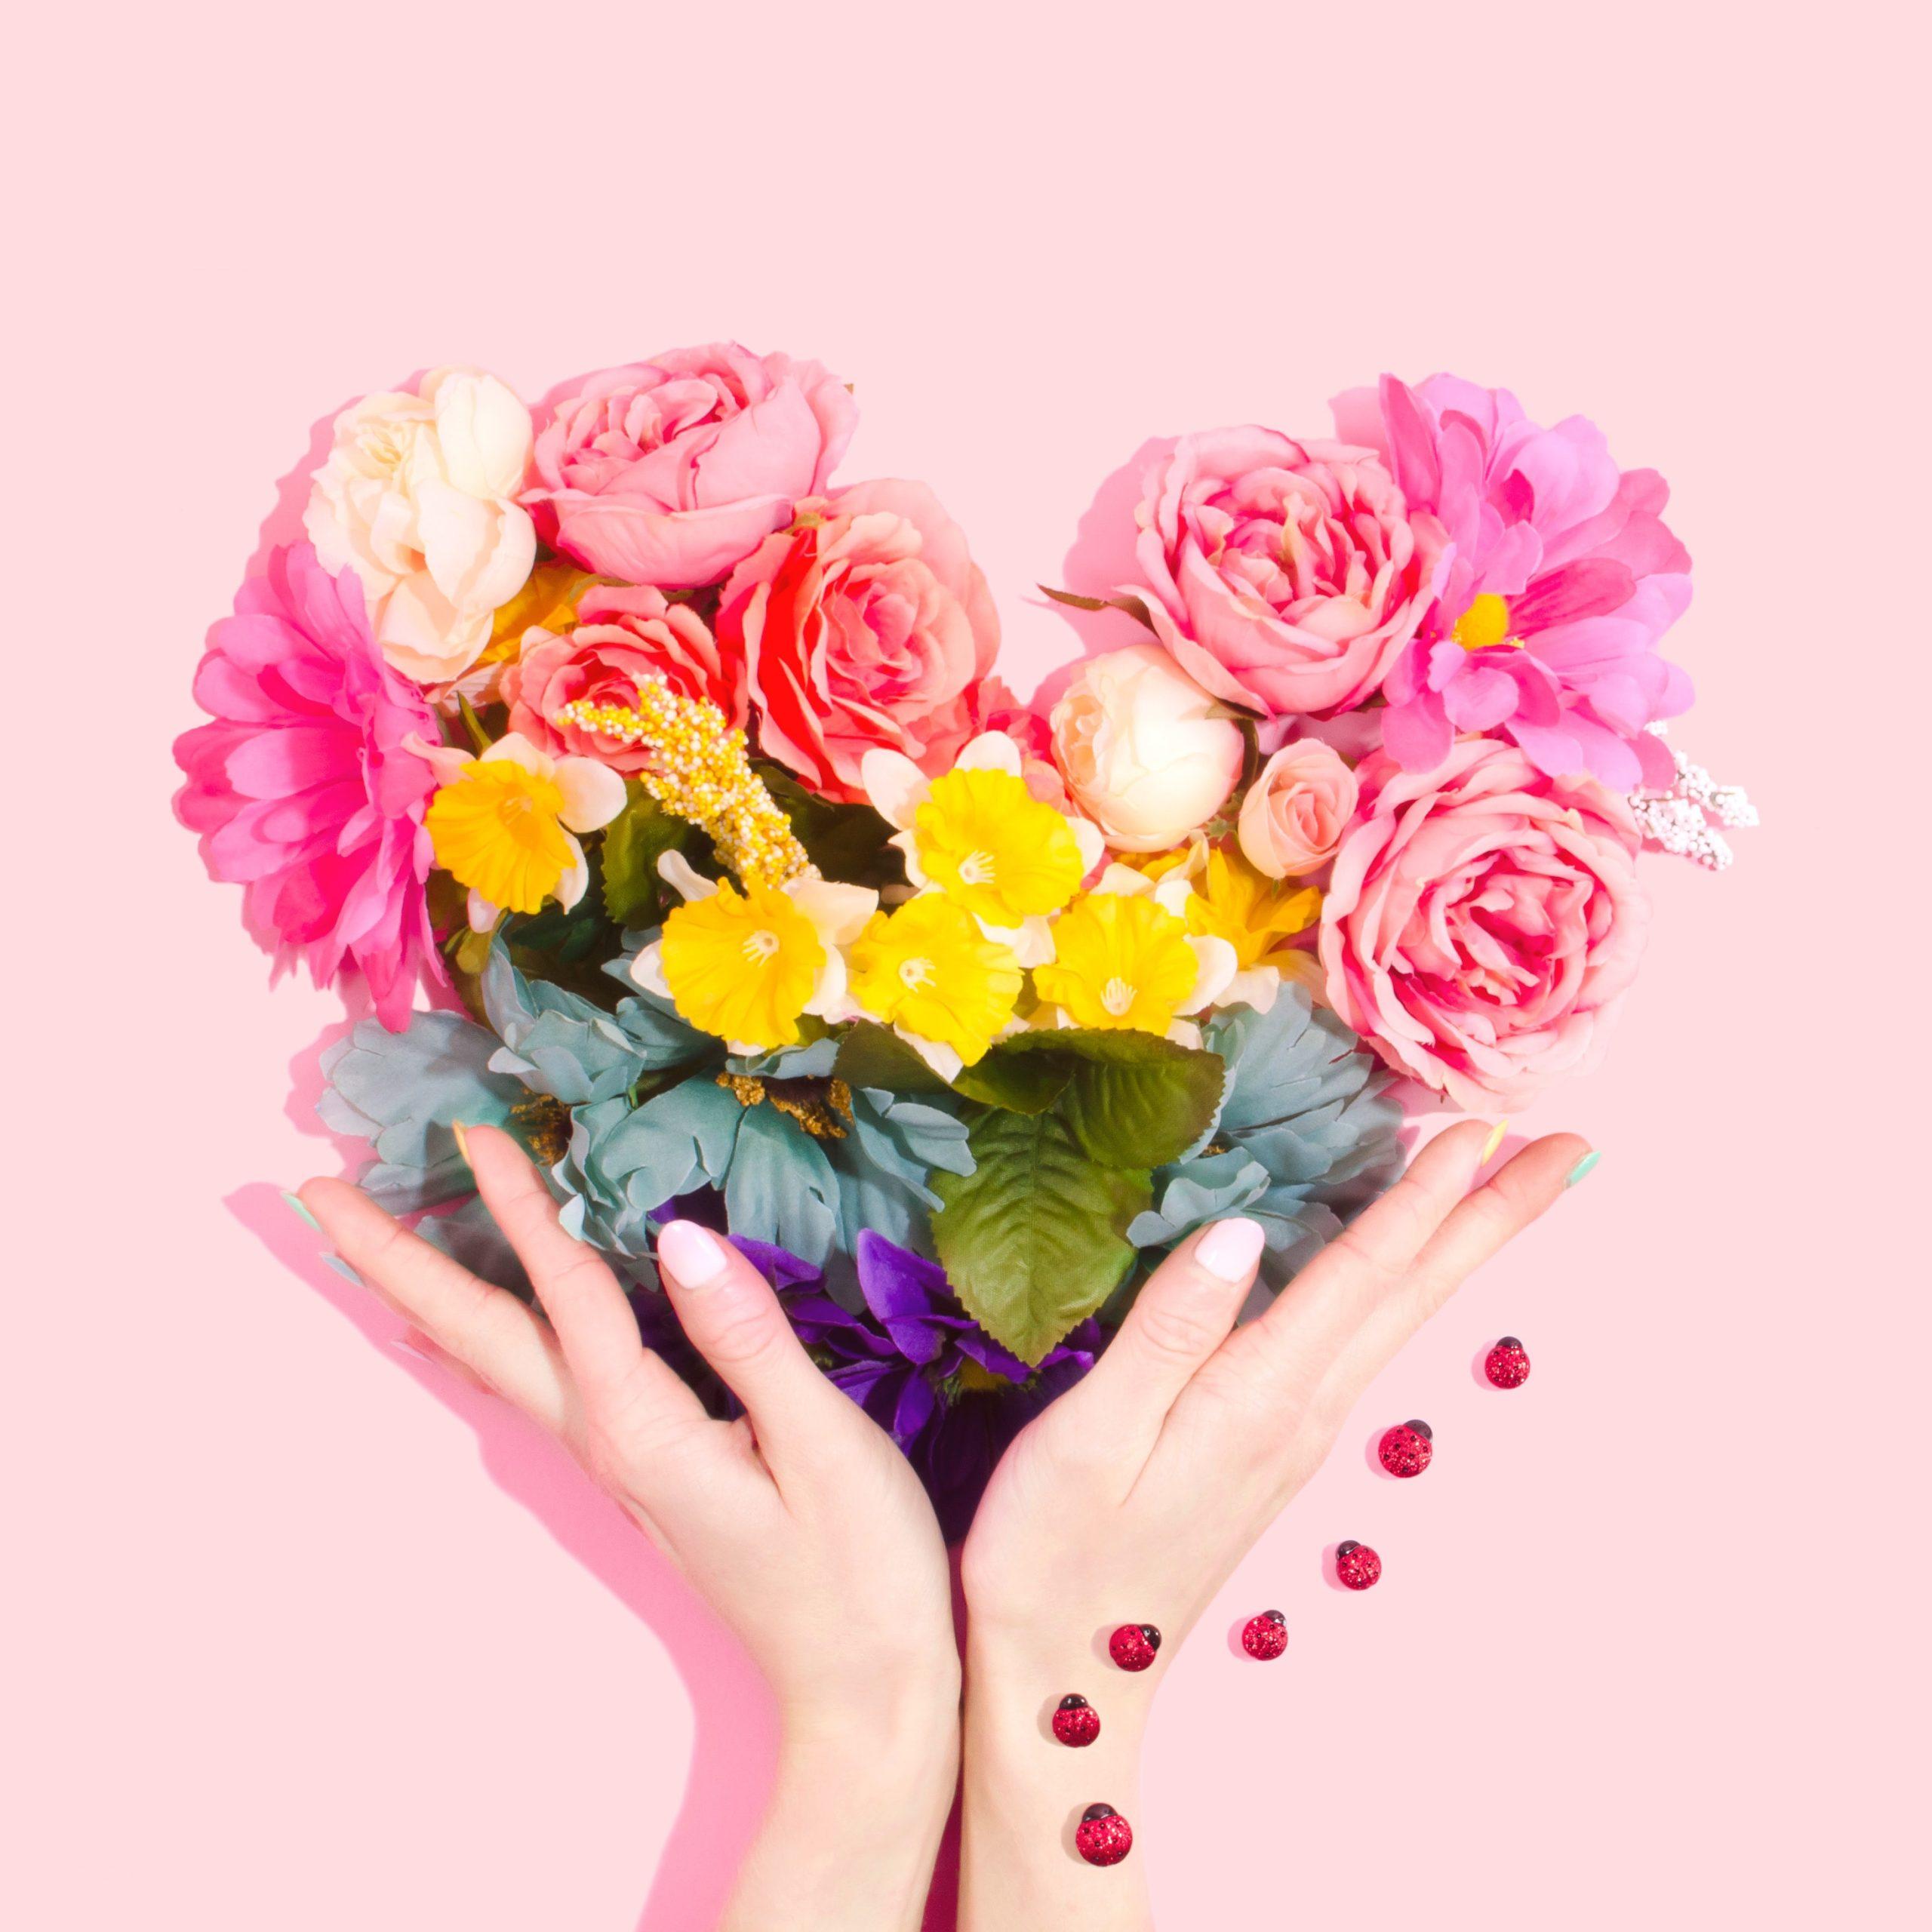 Quoi offrir pour la Saint Valentin  ?  10 idées cadeaux